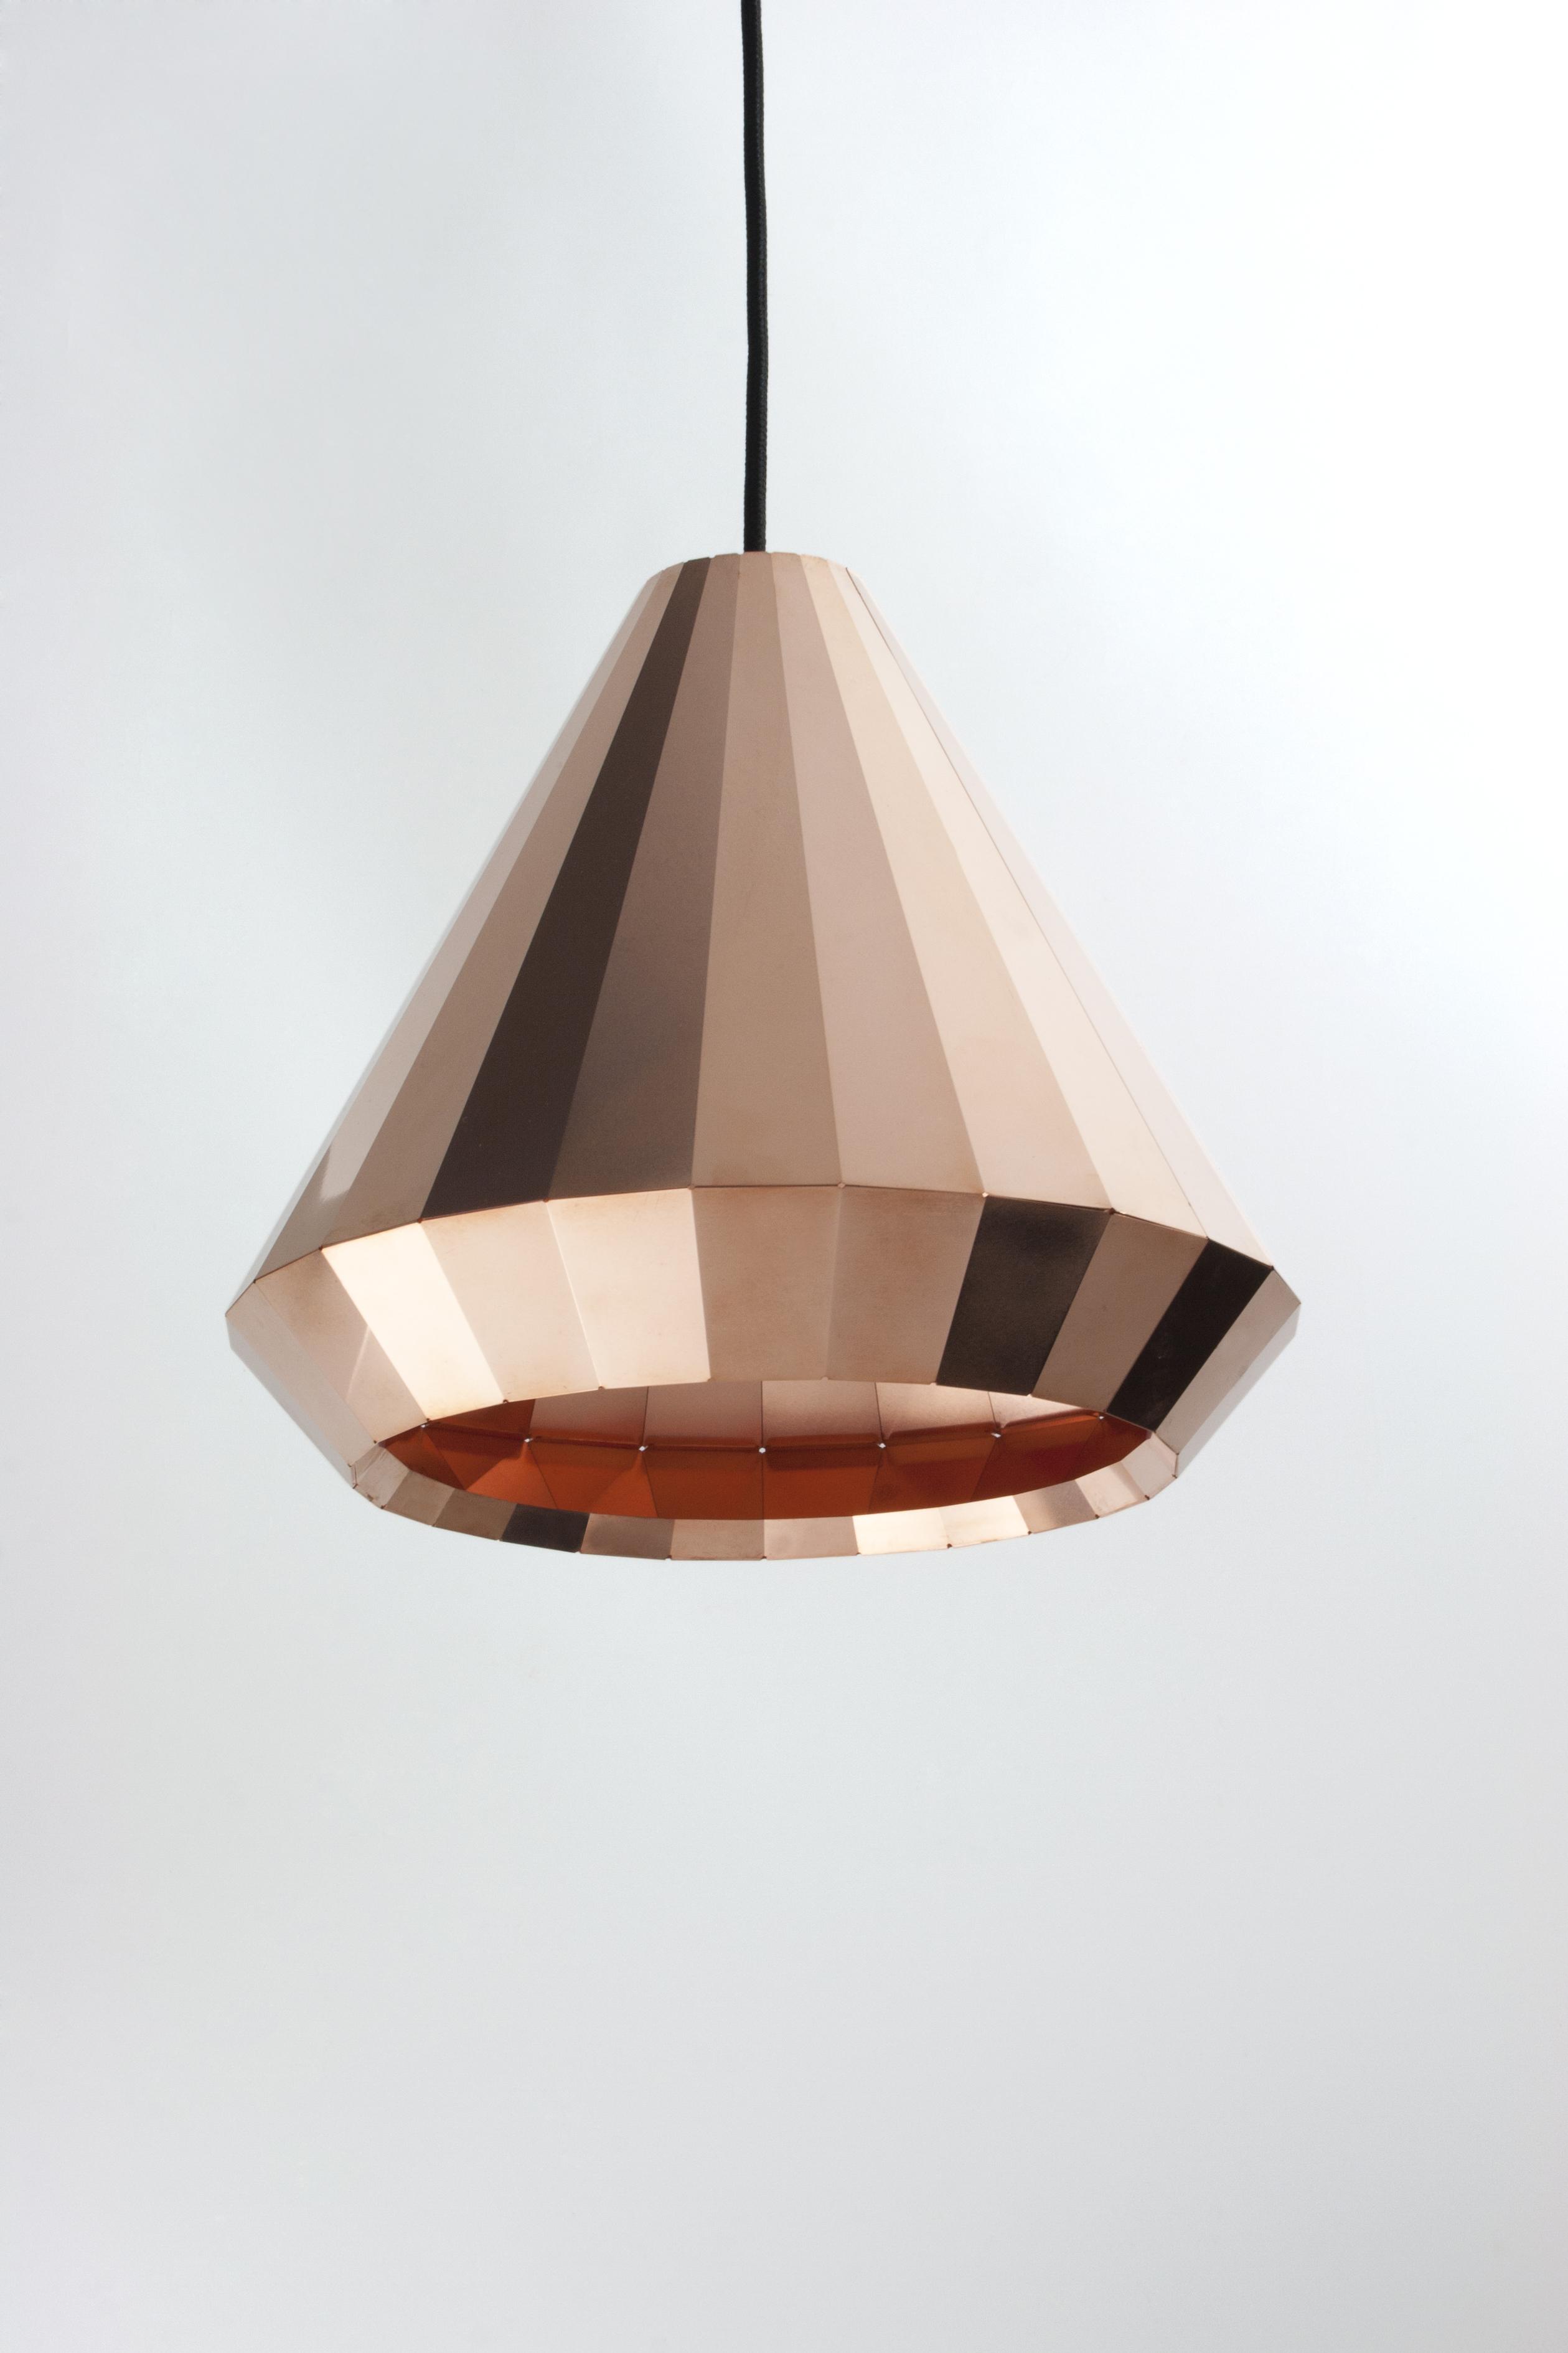 Vij5 copper light cl25 kopen? bestel online bij gimmii